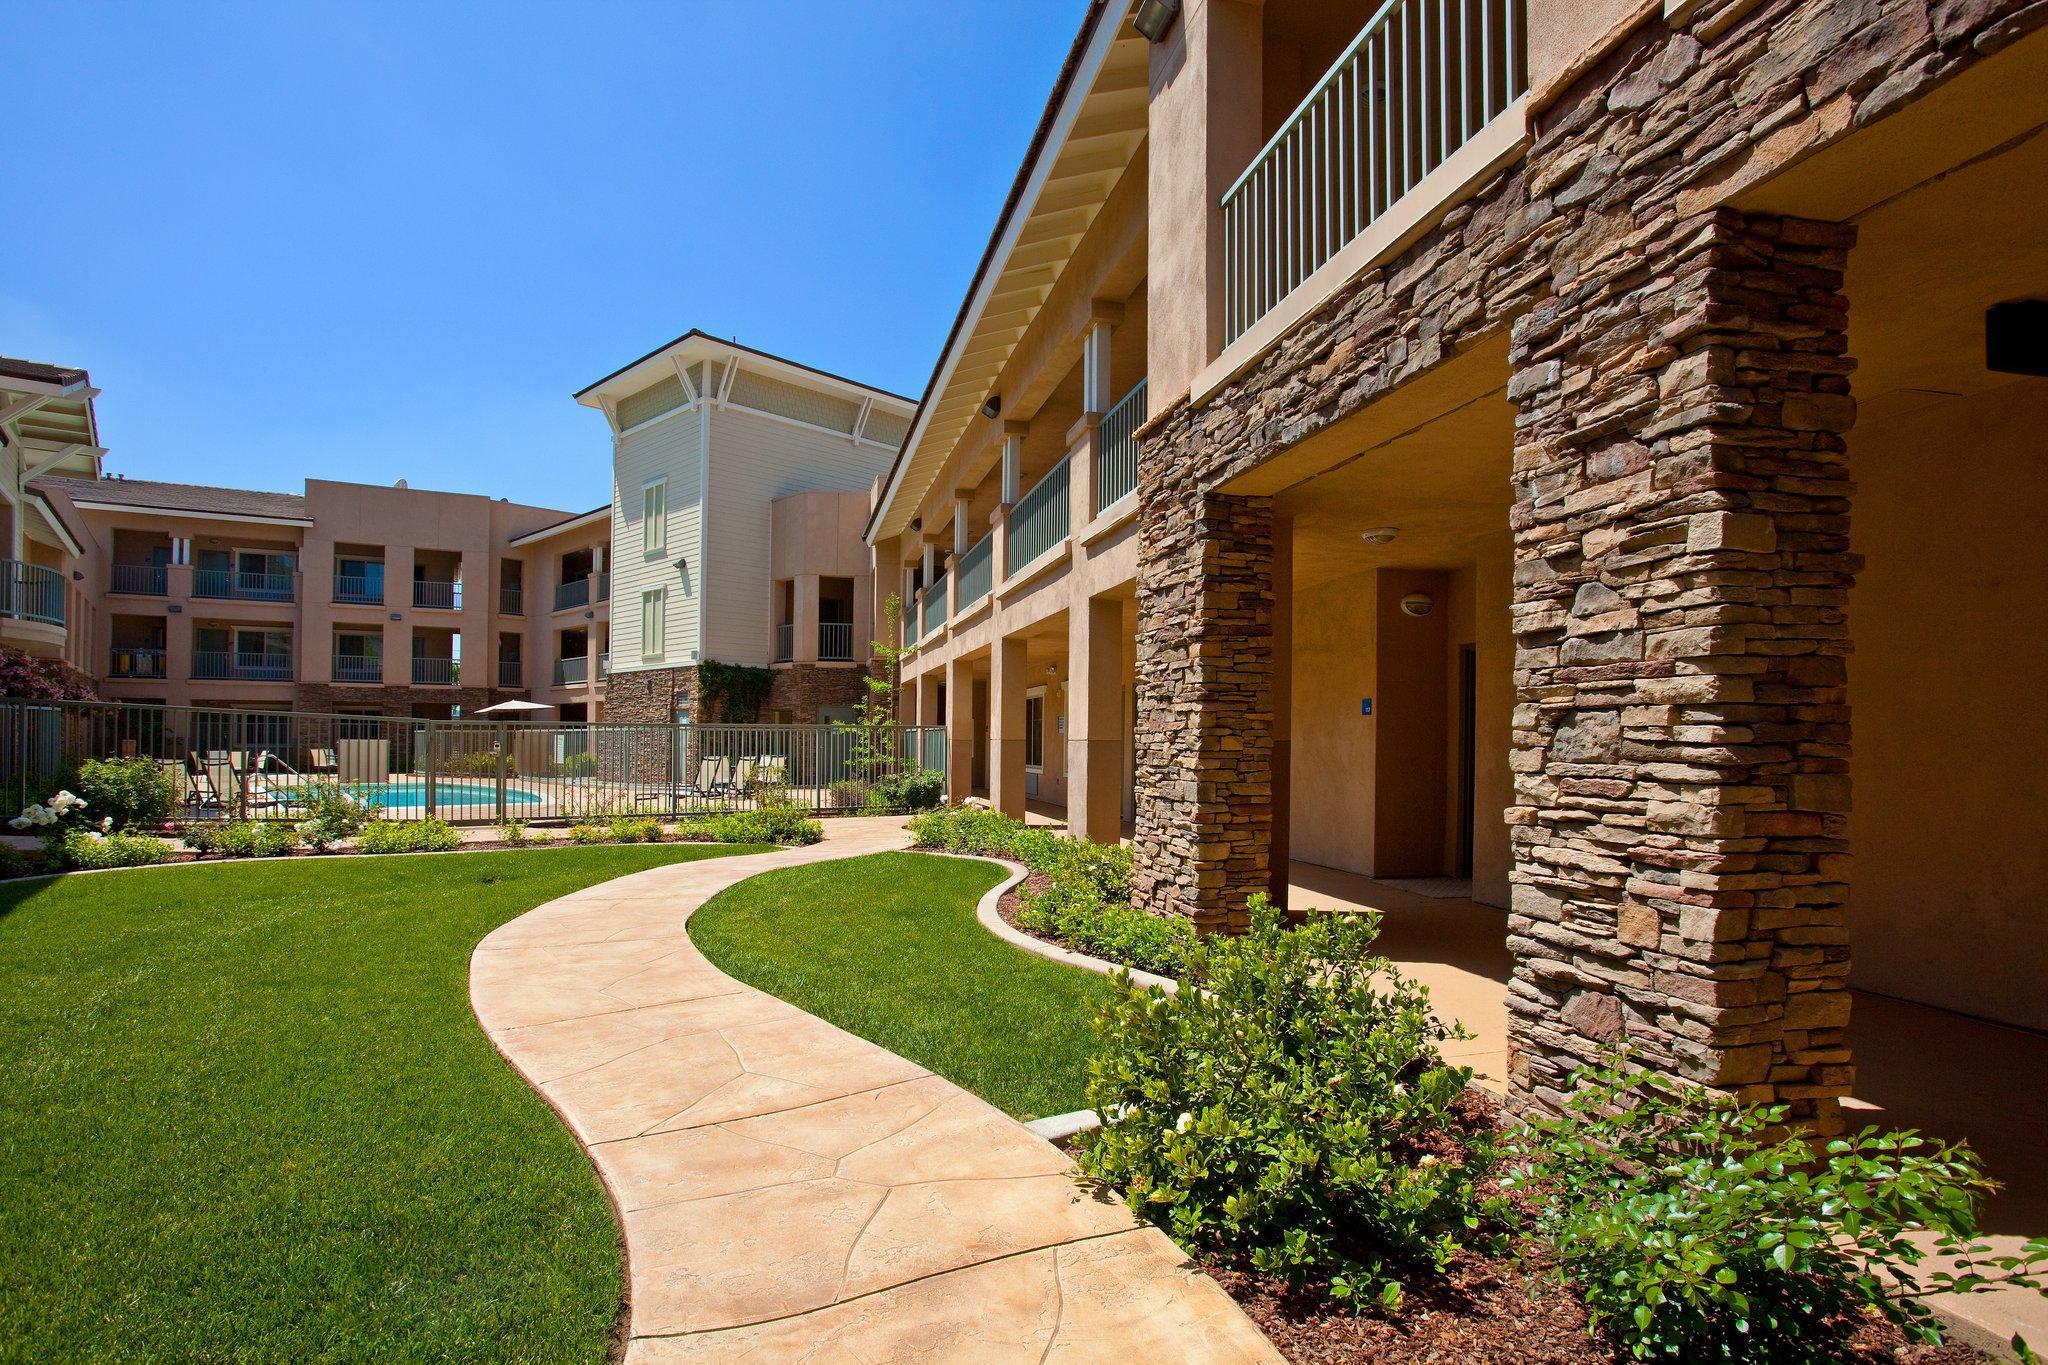 Holiday Inn Express San Dimas